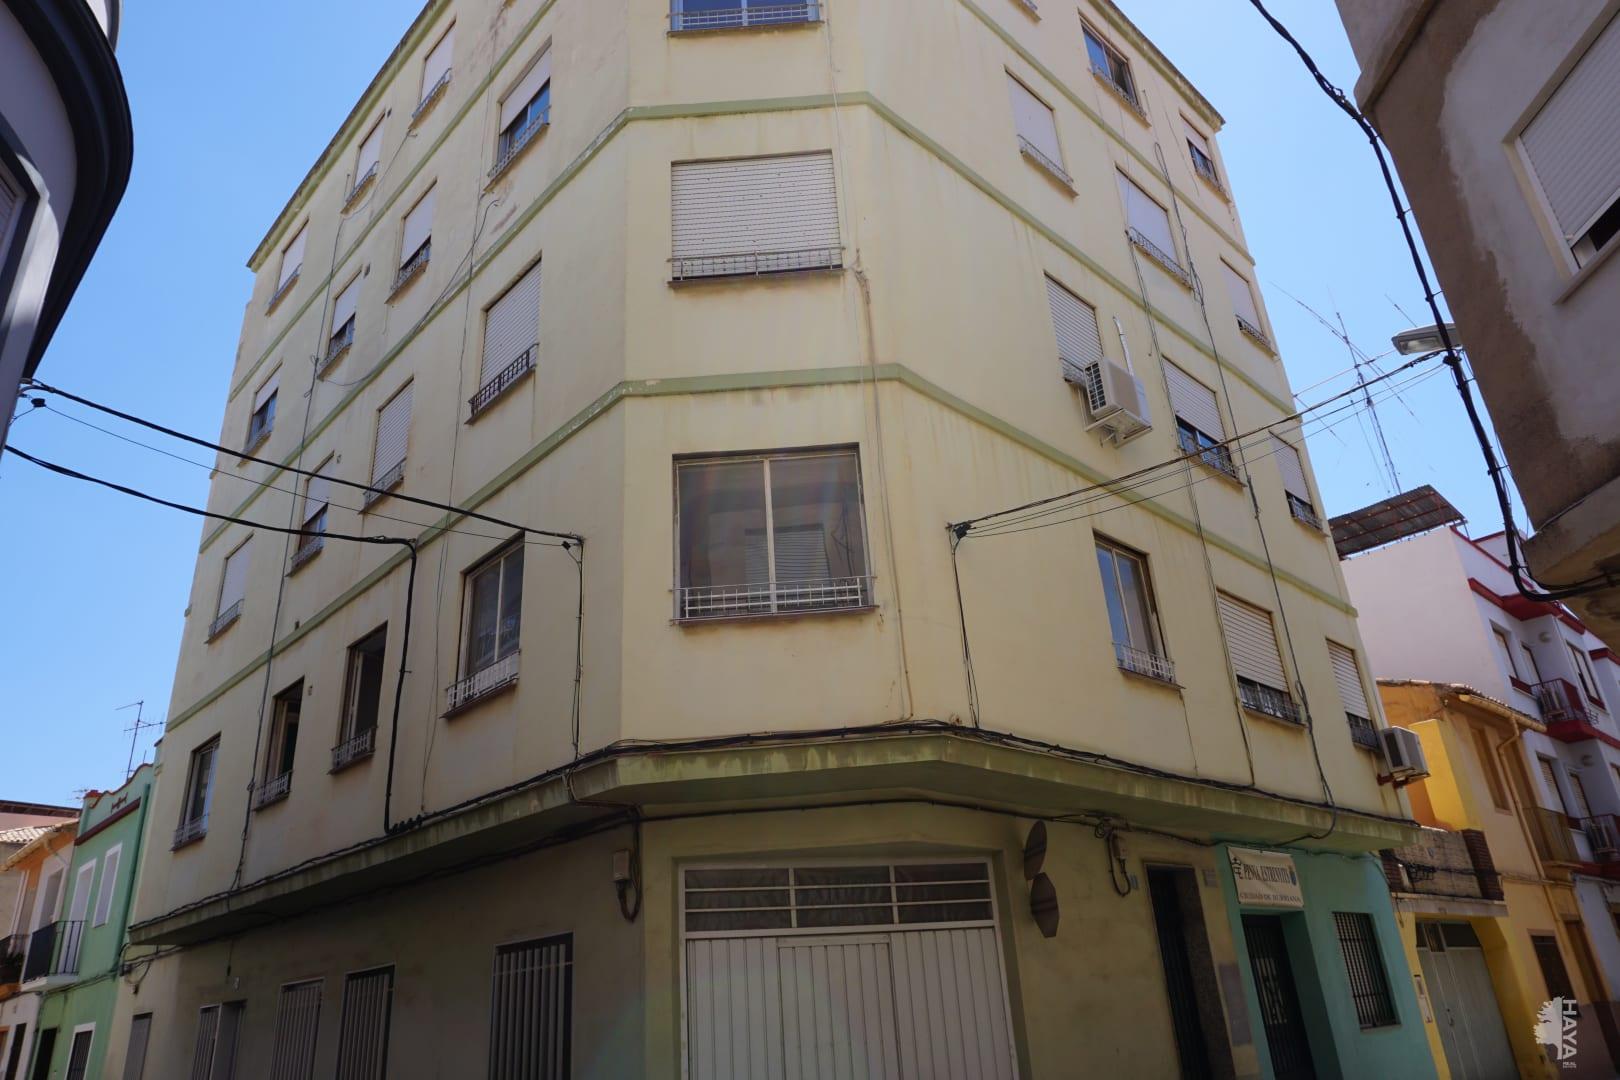 Piso en venta en Poblados Marítimos, Burriana, Castellón, Calle Santa Rosa de Lima, 41.130 €, 3 habitaciones, 1 baño, 79 m2